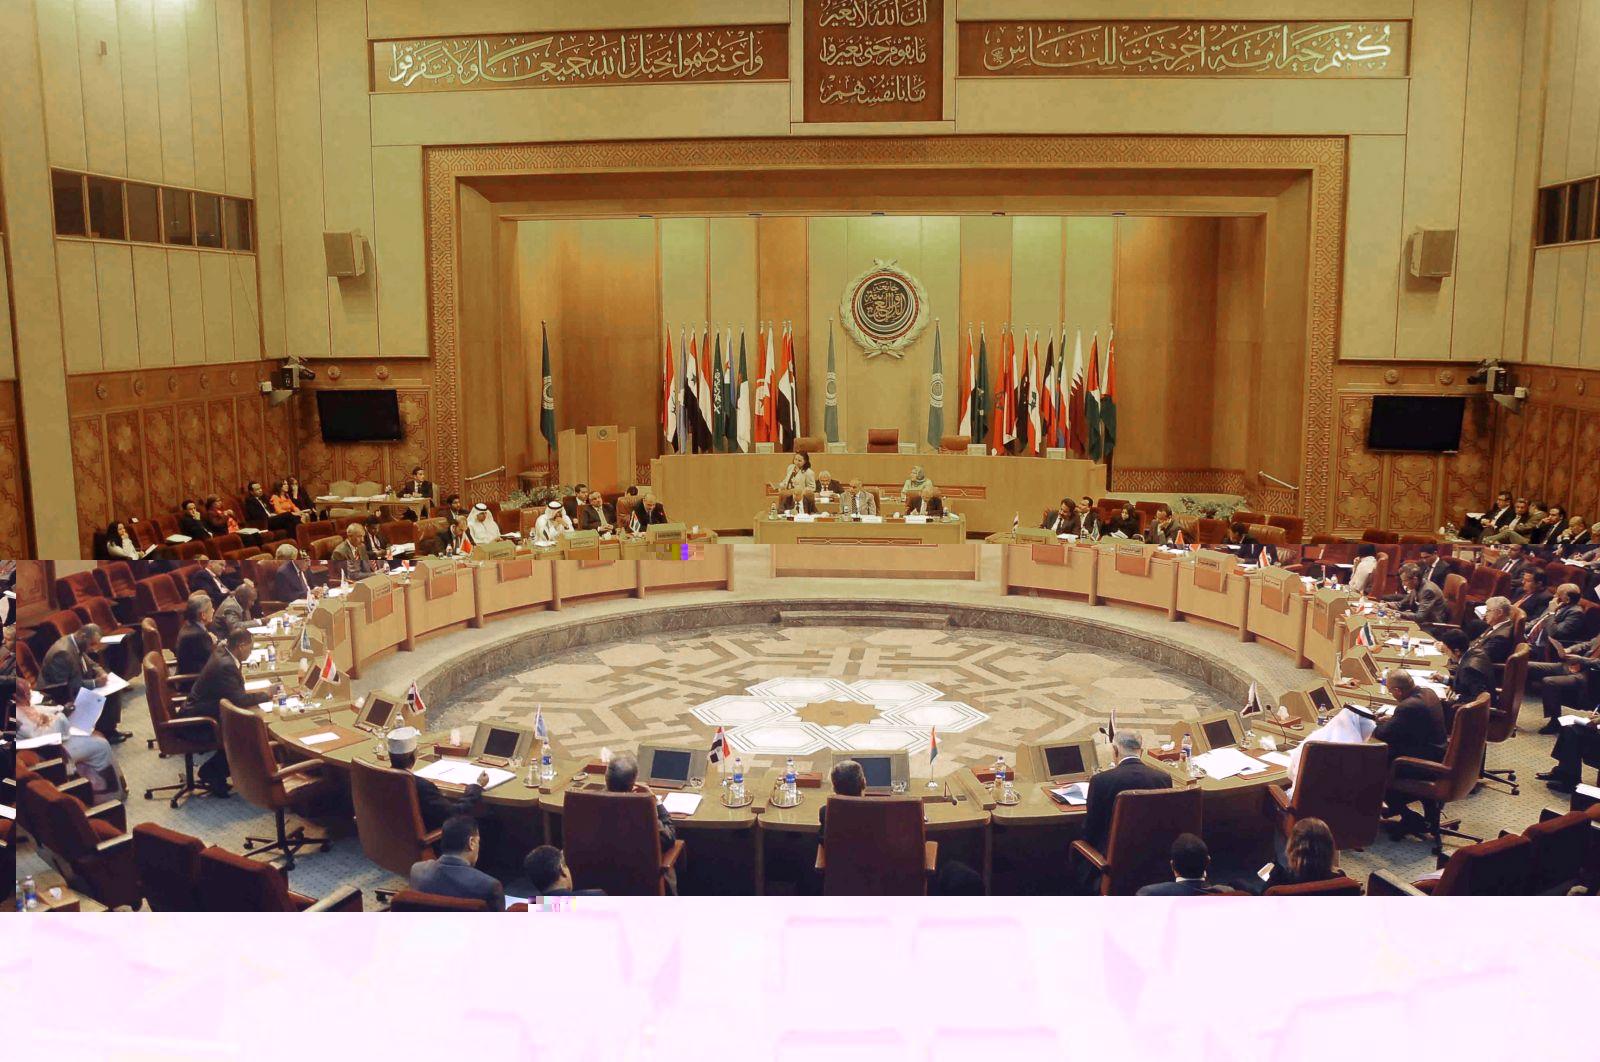 الجامعة العربية تدعو المجتمع الدولي لإلزام اسرائيل بإنهاء الاحتلال